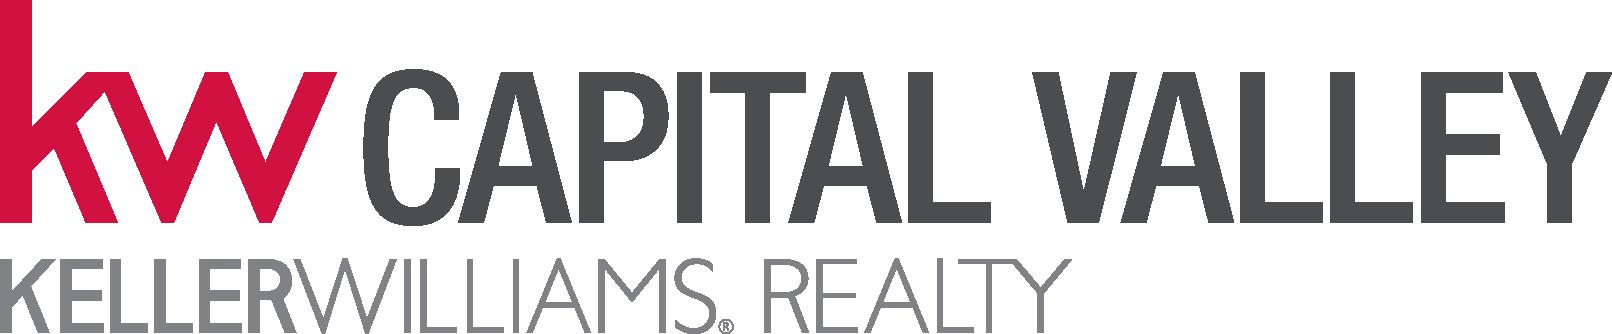 Keller Williams Capital Valley logo